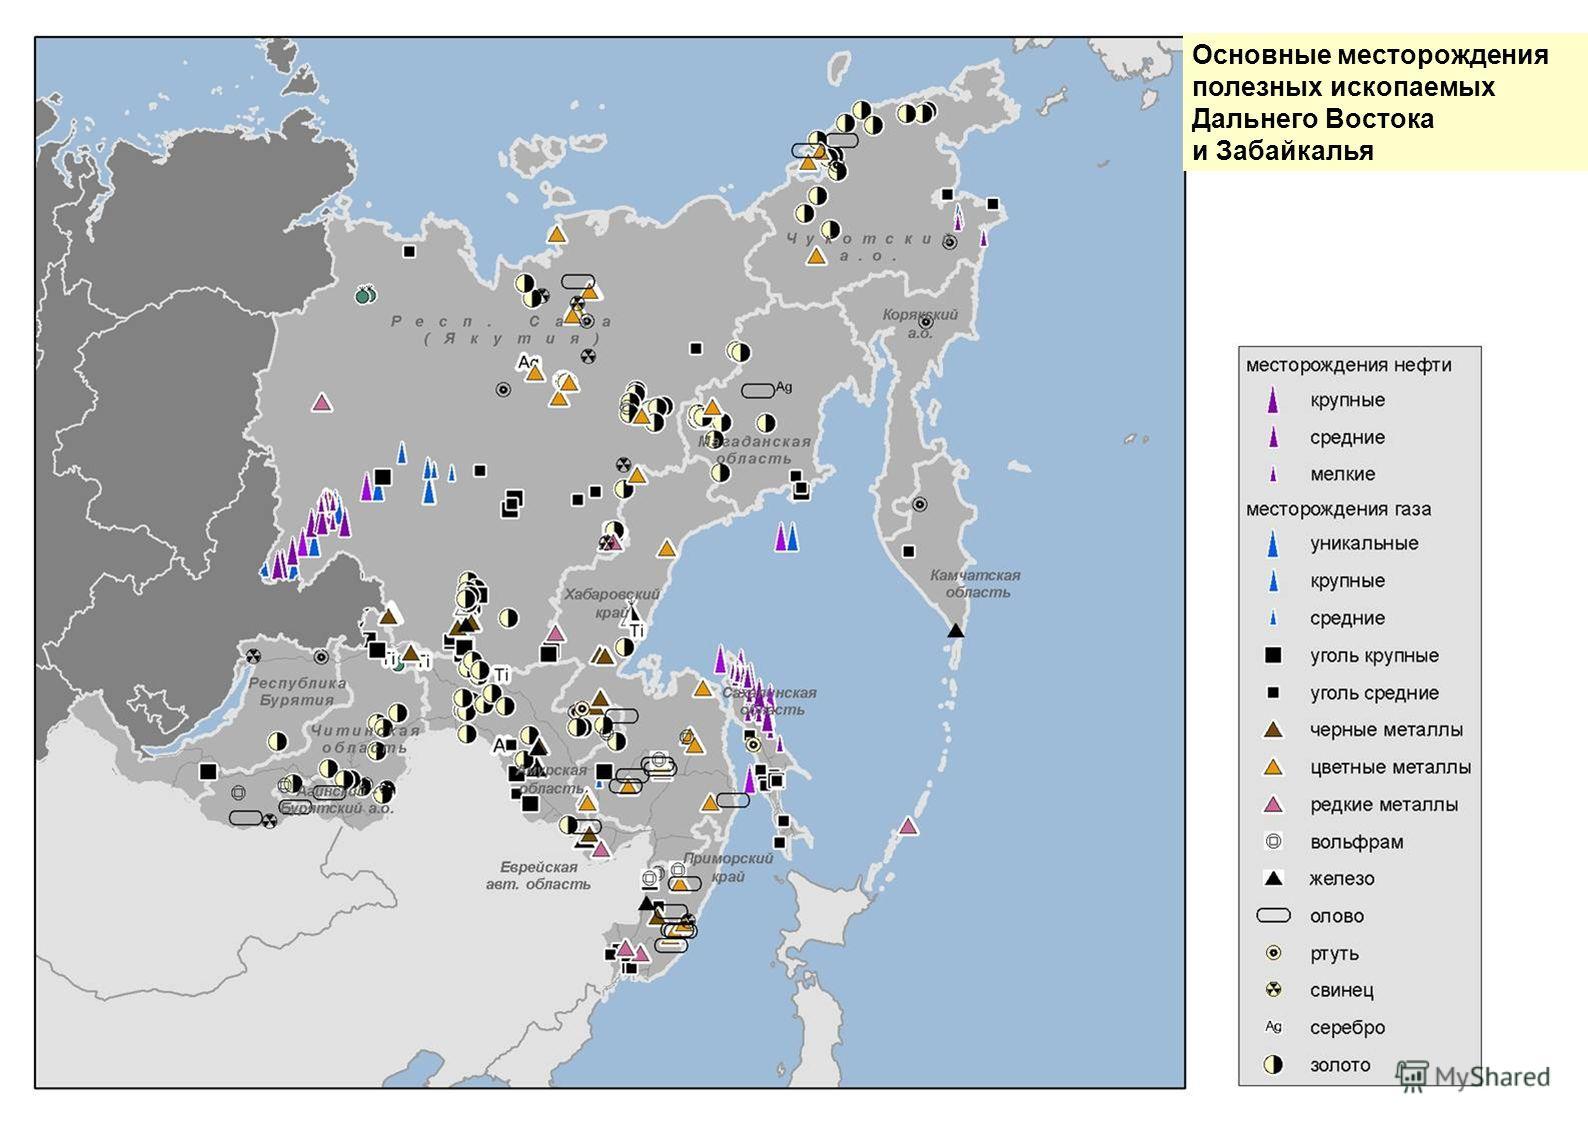 Основные месторождения полезных ископаемых Дальнего Востока и Забайкалья